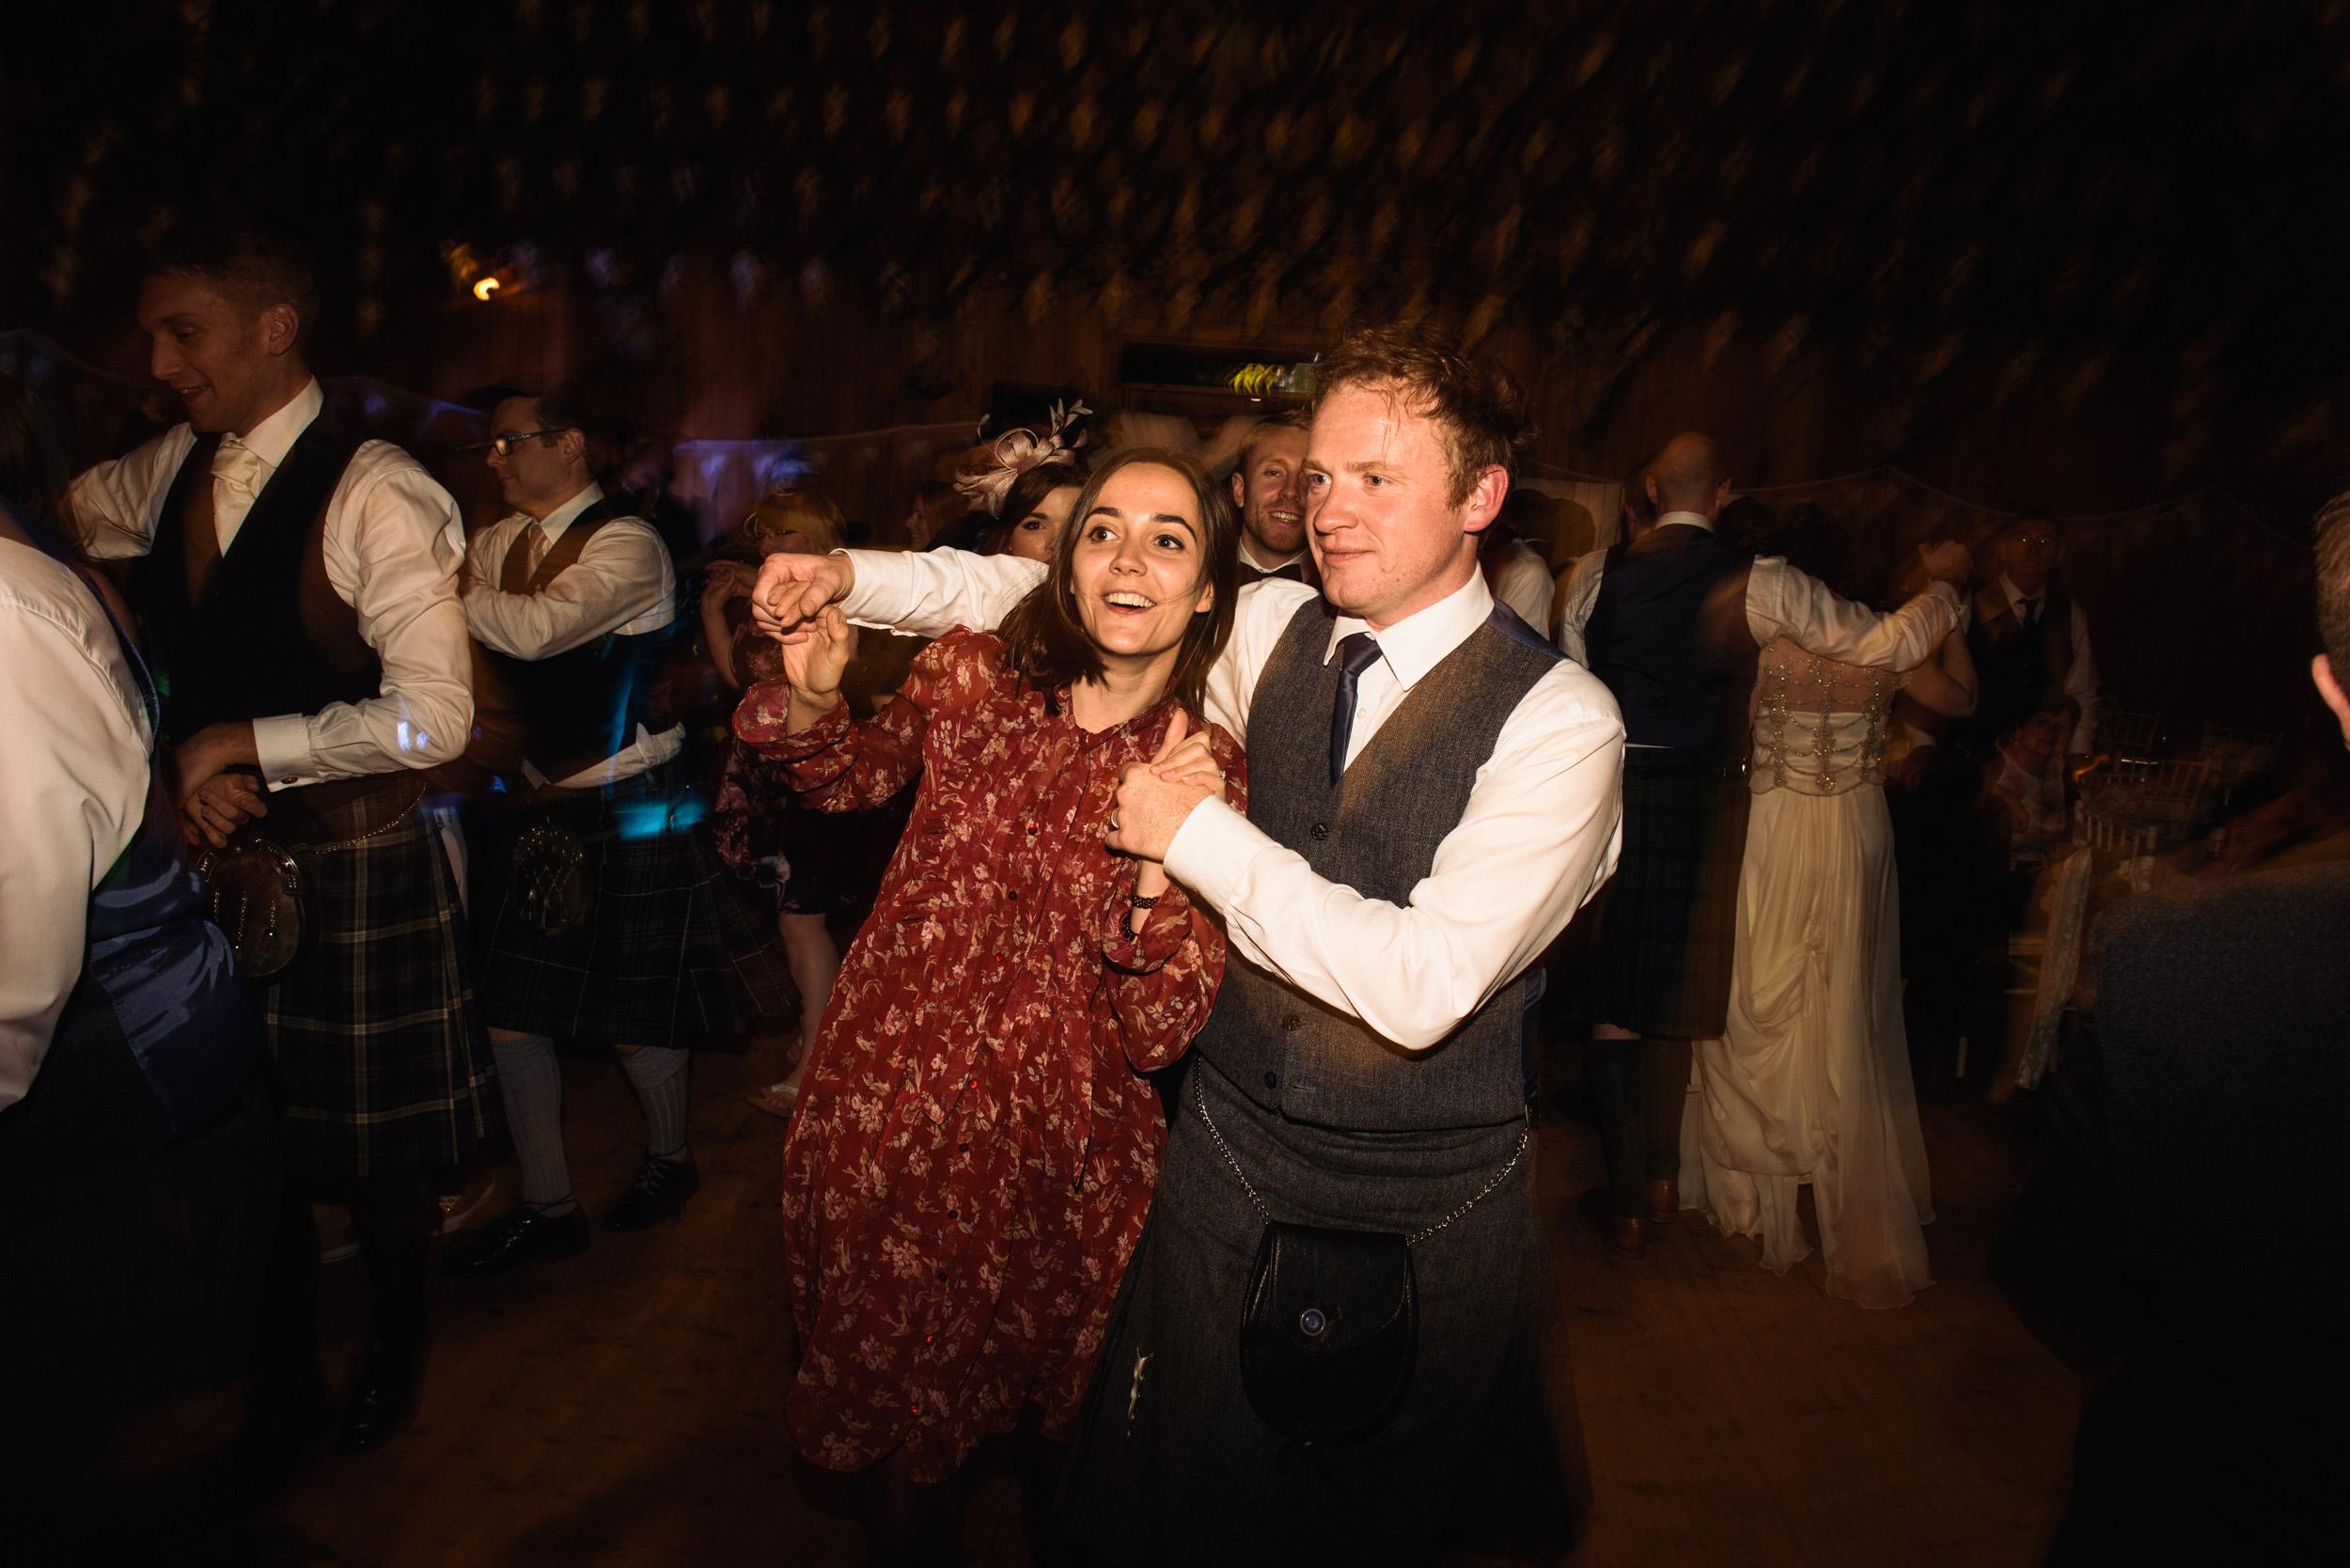 Natural Wedding Photography Aberdeen Braemar 100.jpg